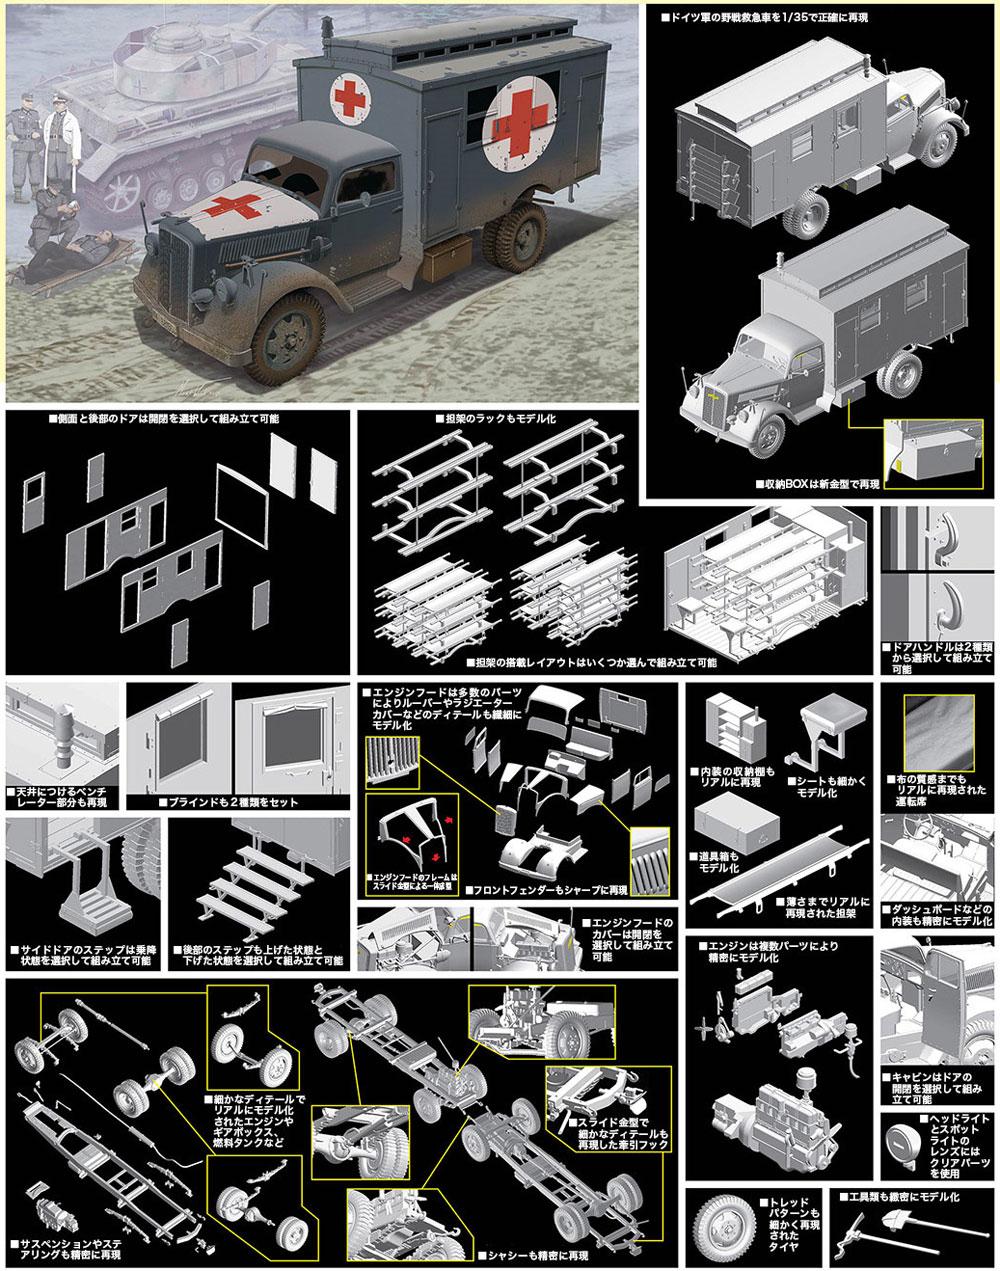 ドイツ 3トン 4×2 トラック 野戦救急車プラモデル(ドラゴン1/35 '39-'45 SeriesNo.6790)商品画像_2